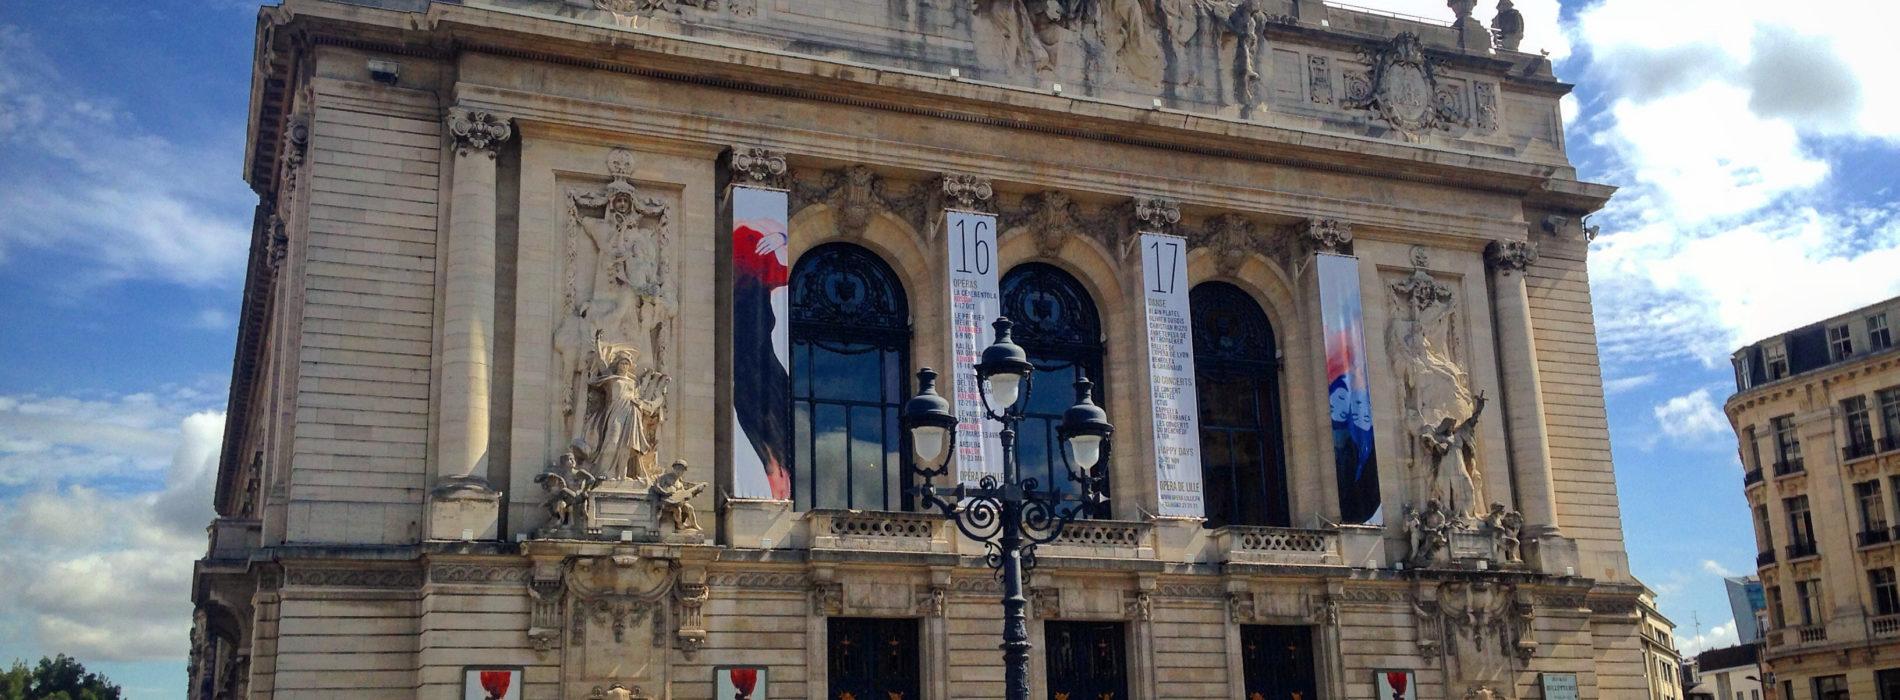 Escapade à Lille (ou comment prendre un break de Paris)